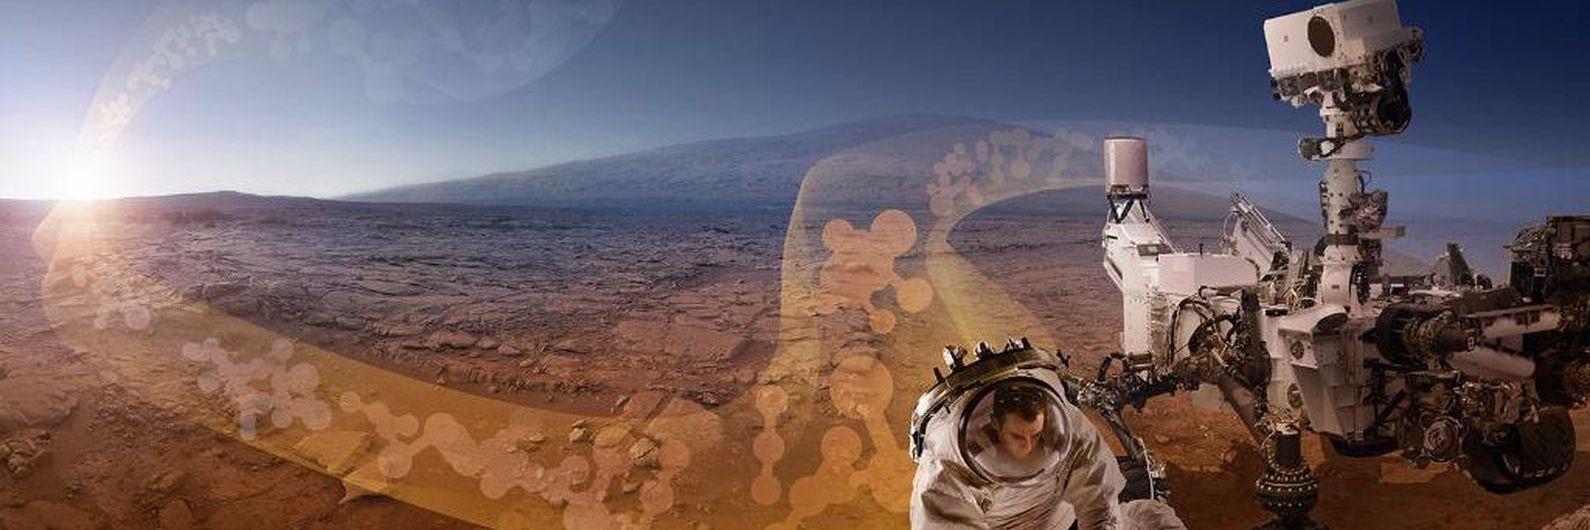 Marte: o passado, presente e futuro dos planos da NASA para explorar o planeta vermelho